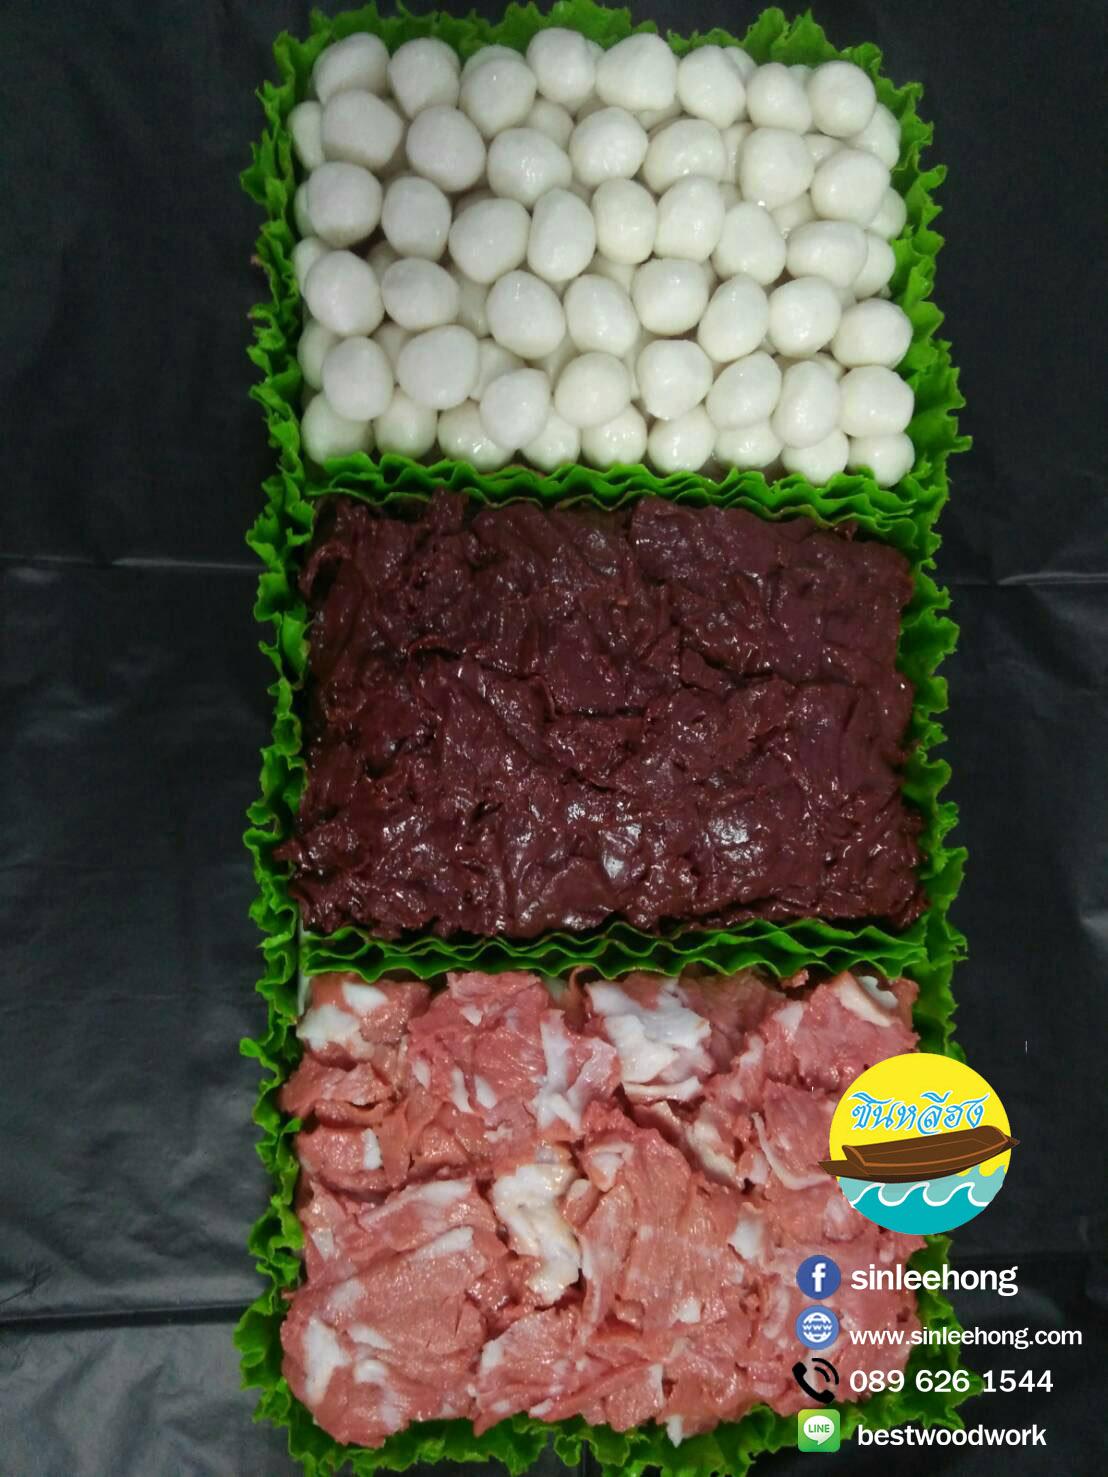 อาหารปลอม ลูกชิ้น ตับ เนื้อหมู (เนื้อวัว) (ส่งฟรีทั่วประเทศ)